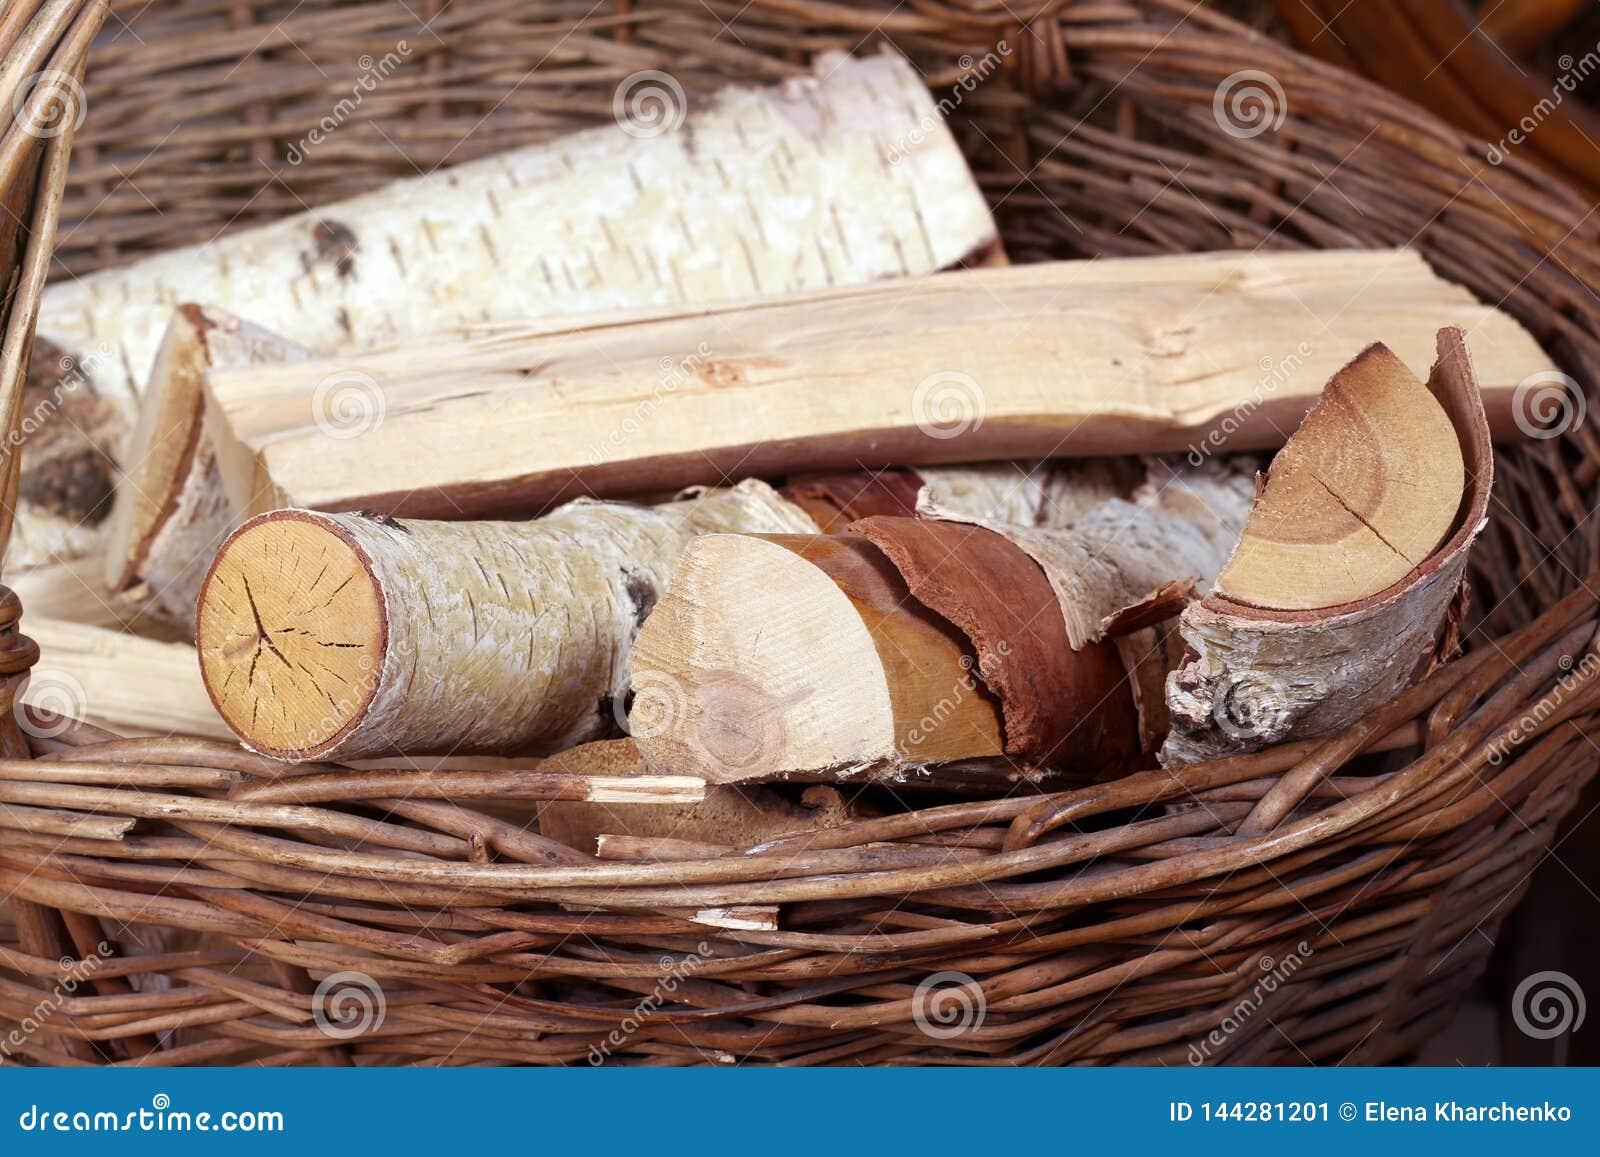 Los registros mienten en una cesta de mimbre con una manija en el fondo de pajares